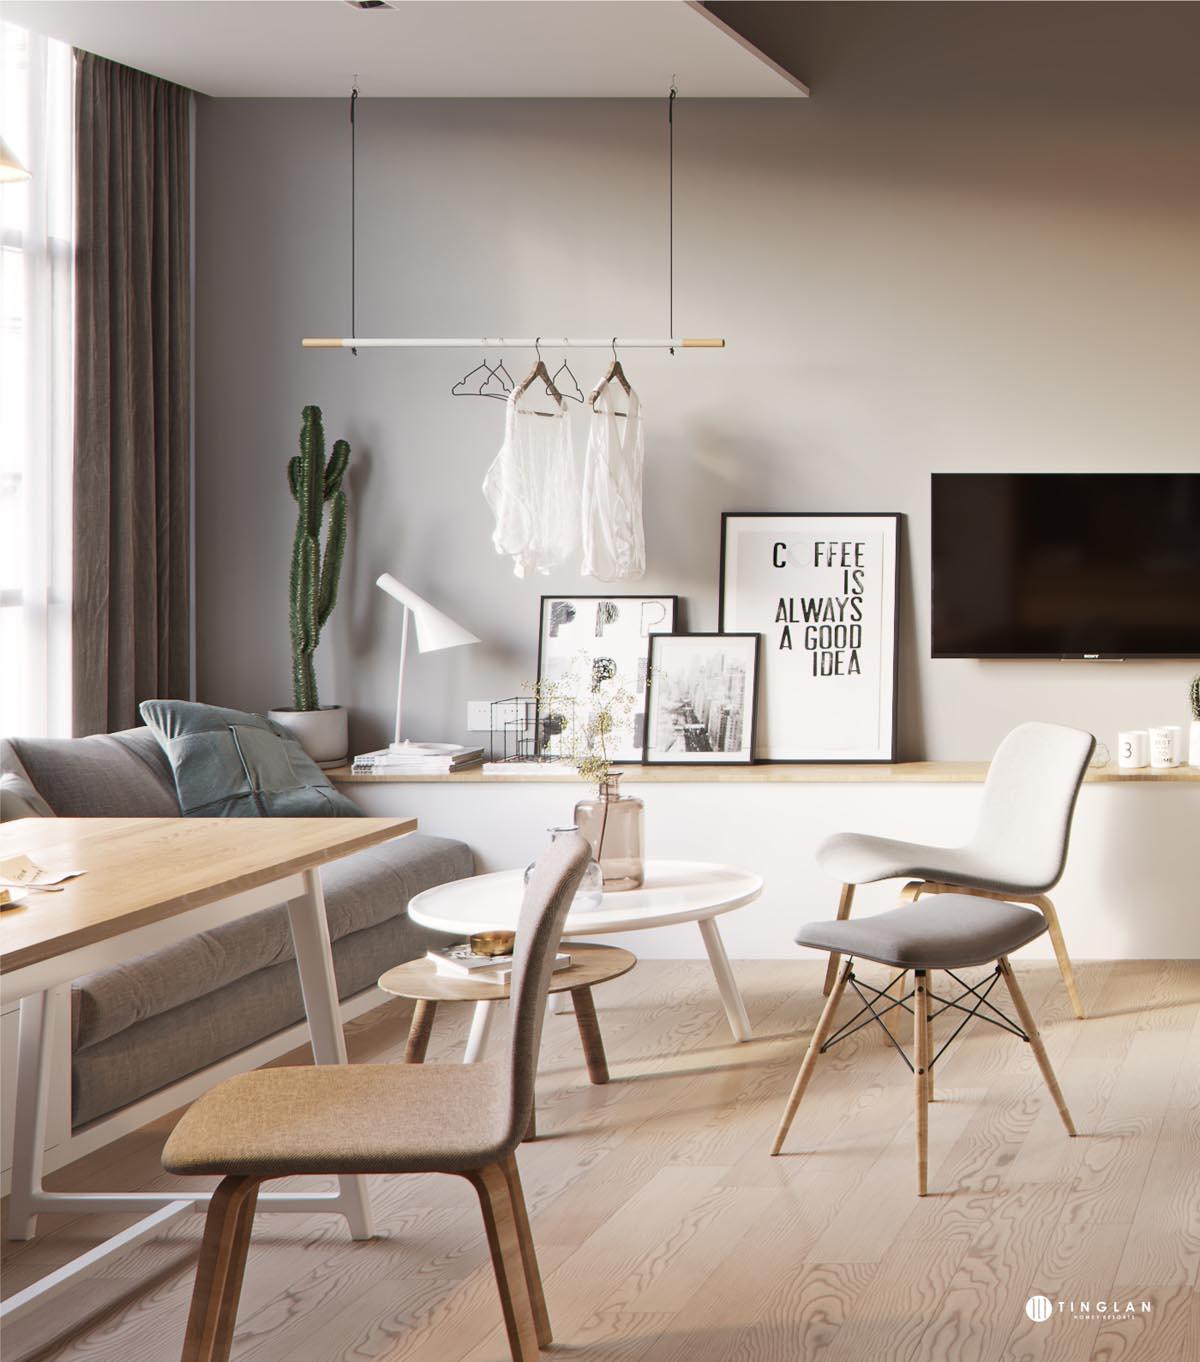 Уютные квартиры, которые расширяют пространство: фотообзор